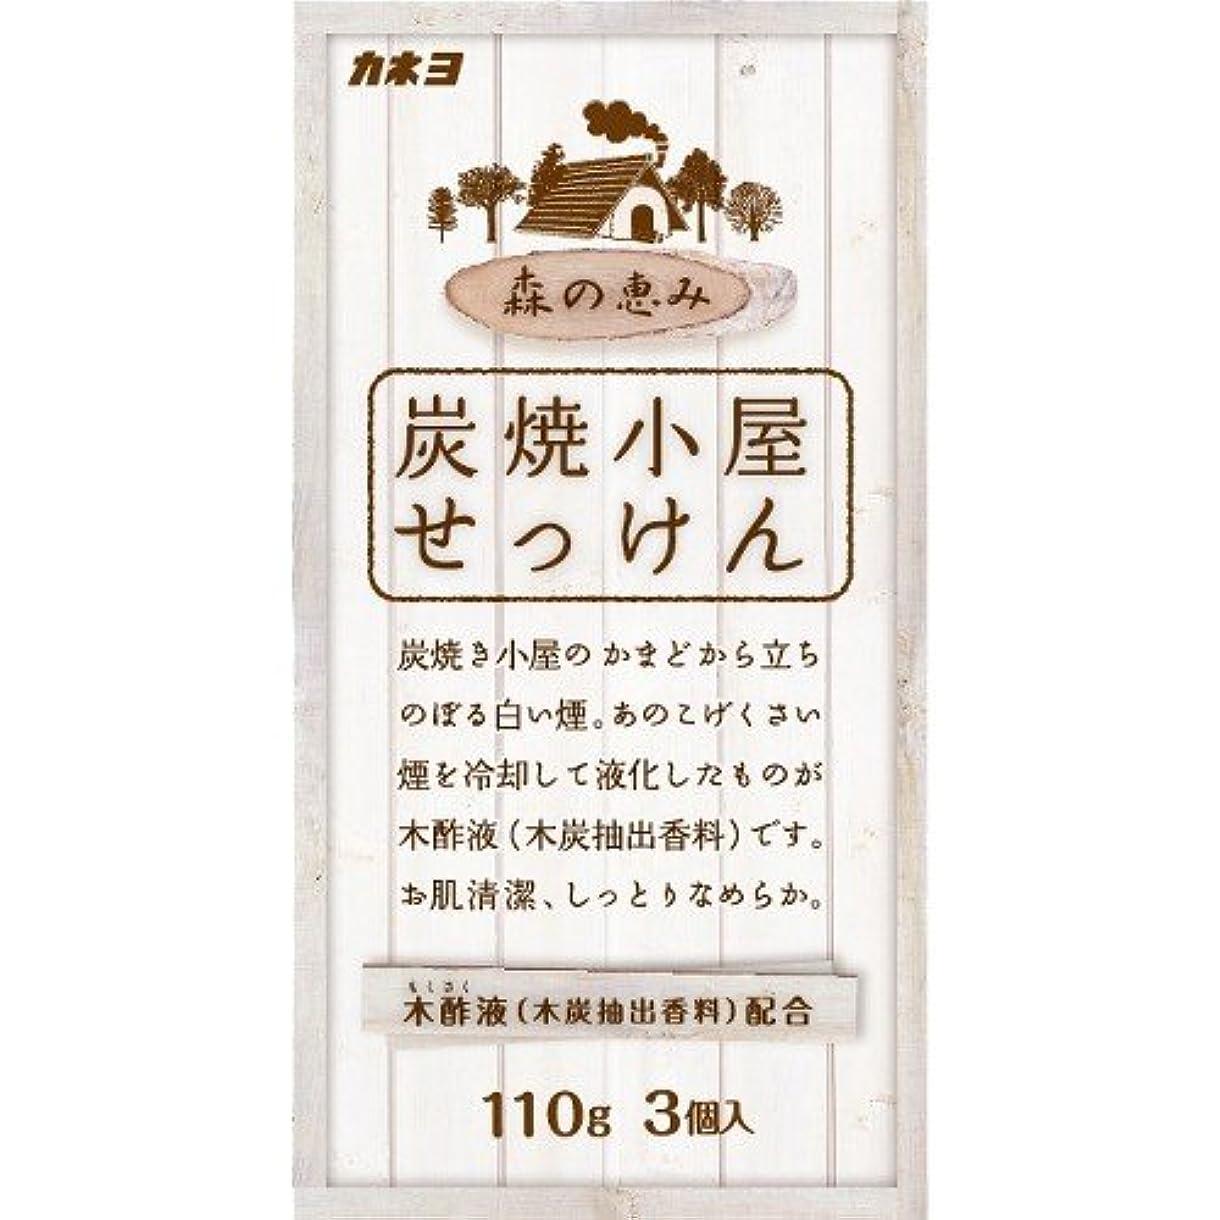 治療協力的クレーターカネヨ石鹸 炭焼小屋 化粧石けん 110g×3個入